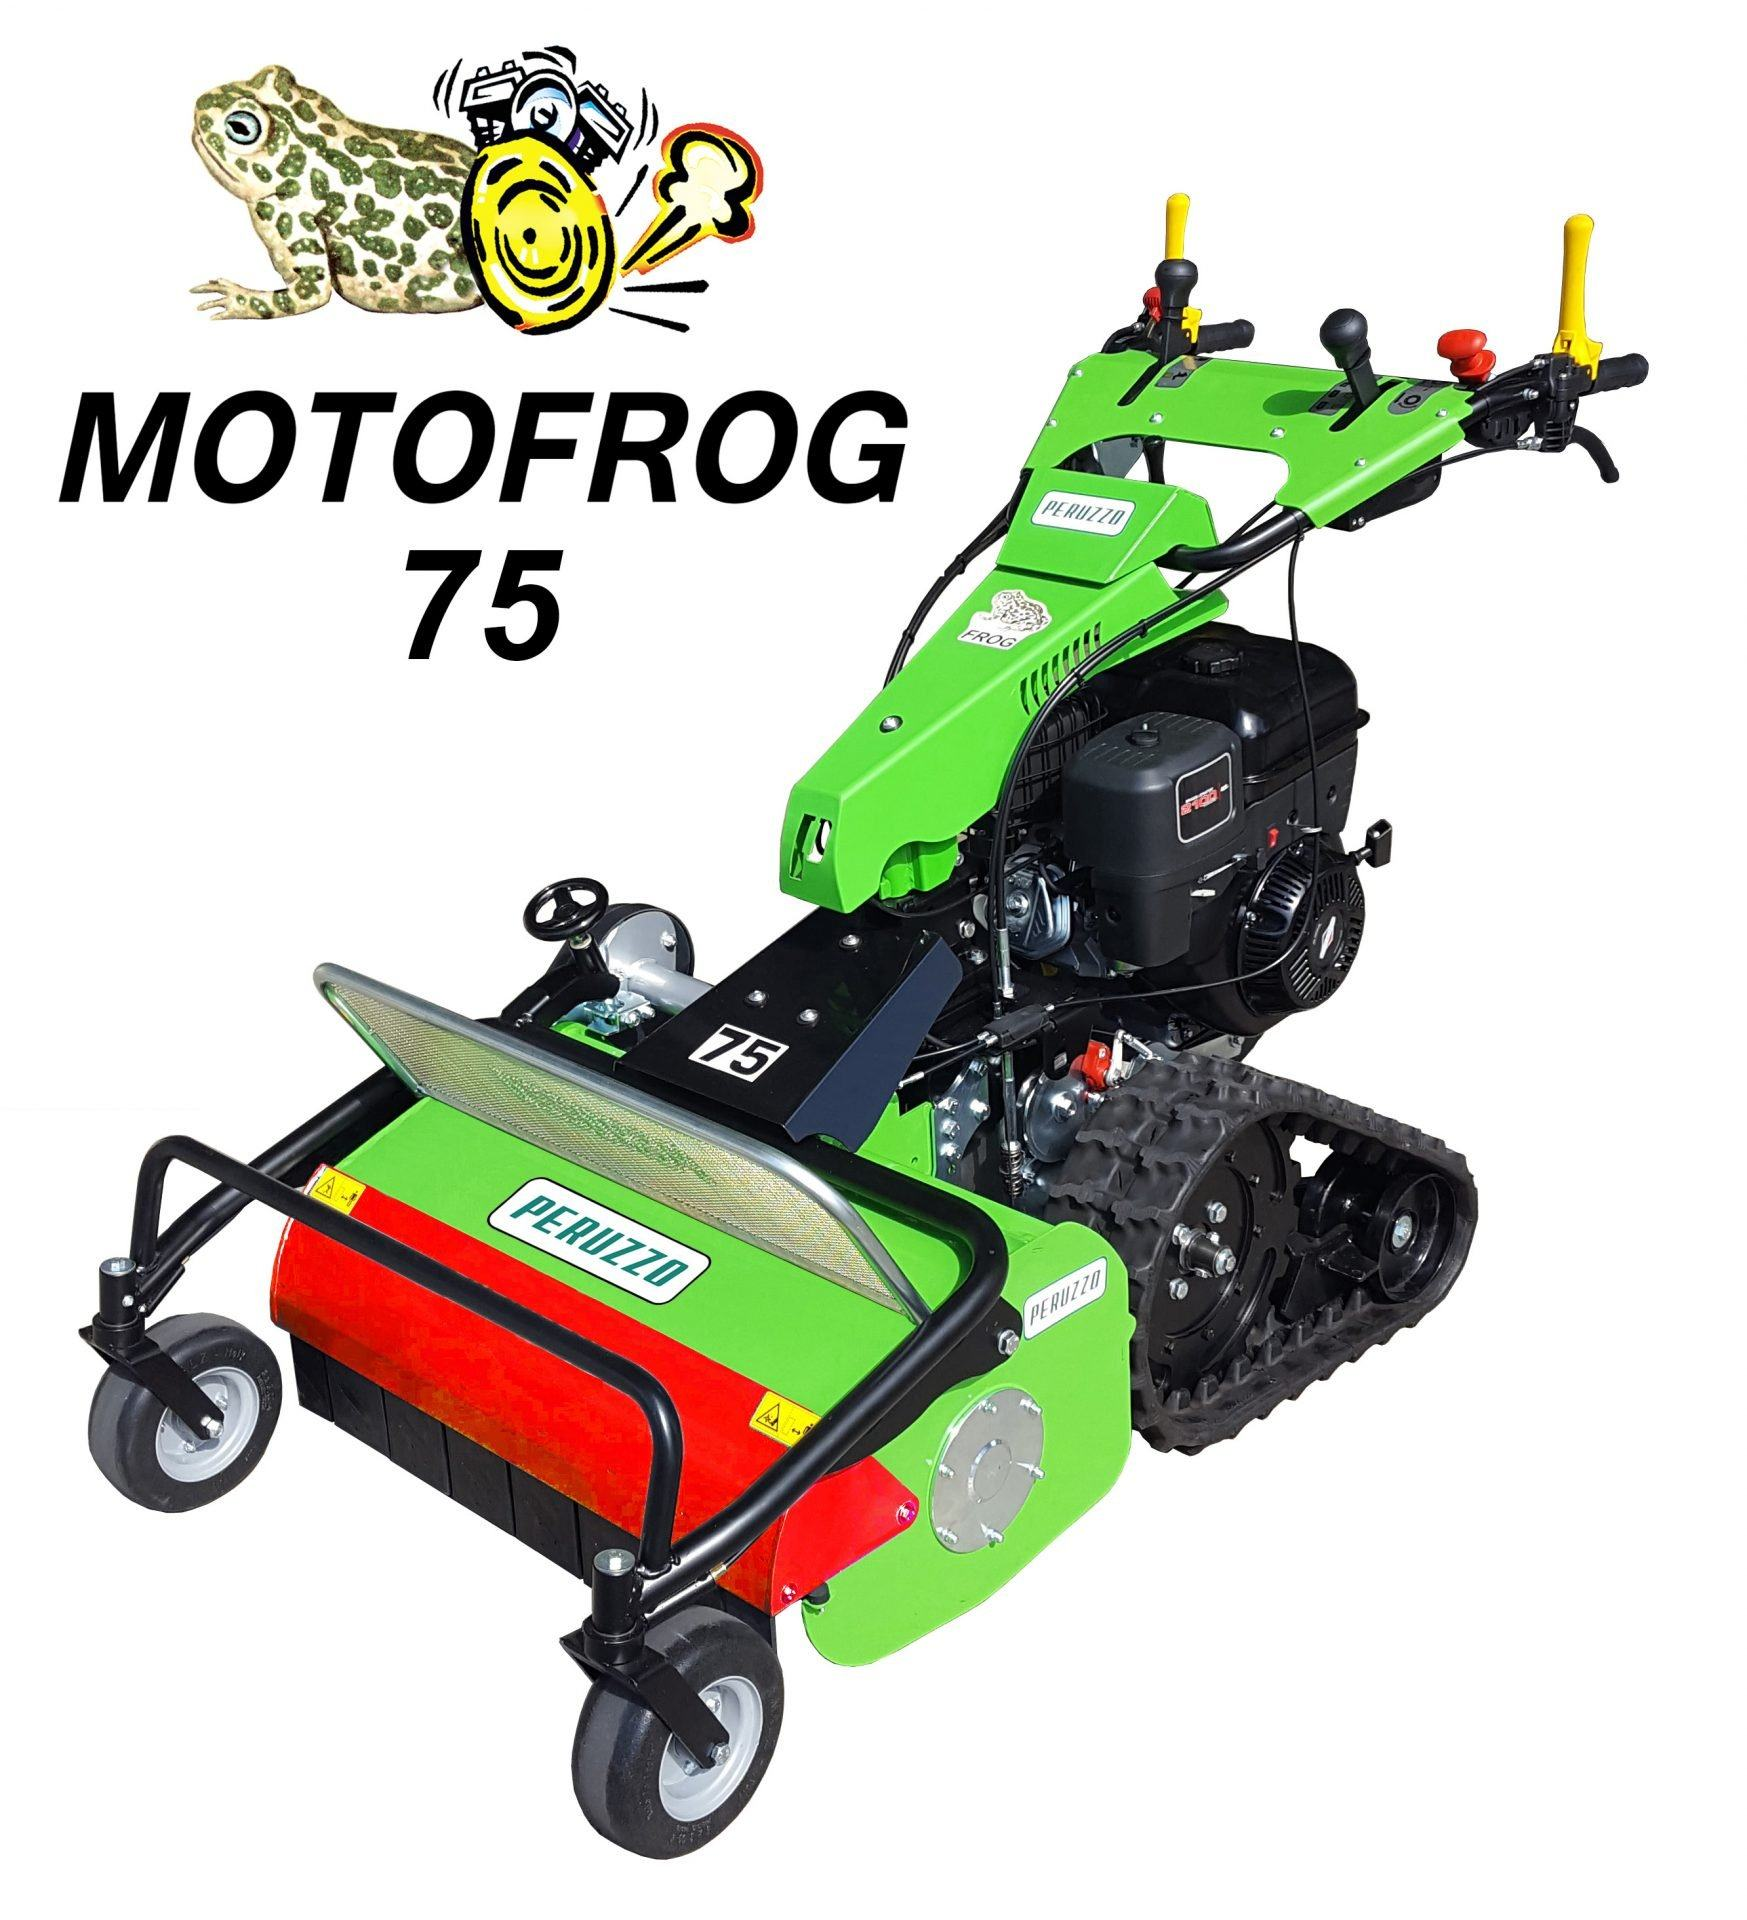 , Walk Behind Mower MOTOFROG 75, Peruzzo